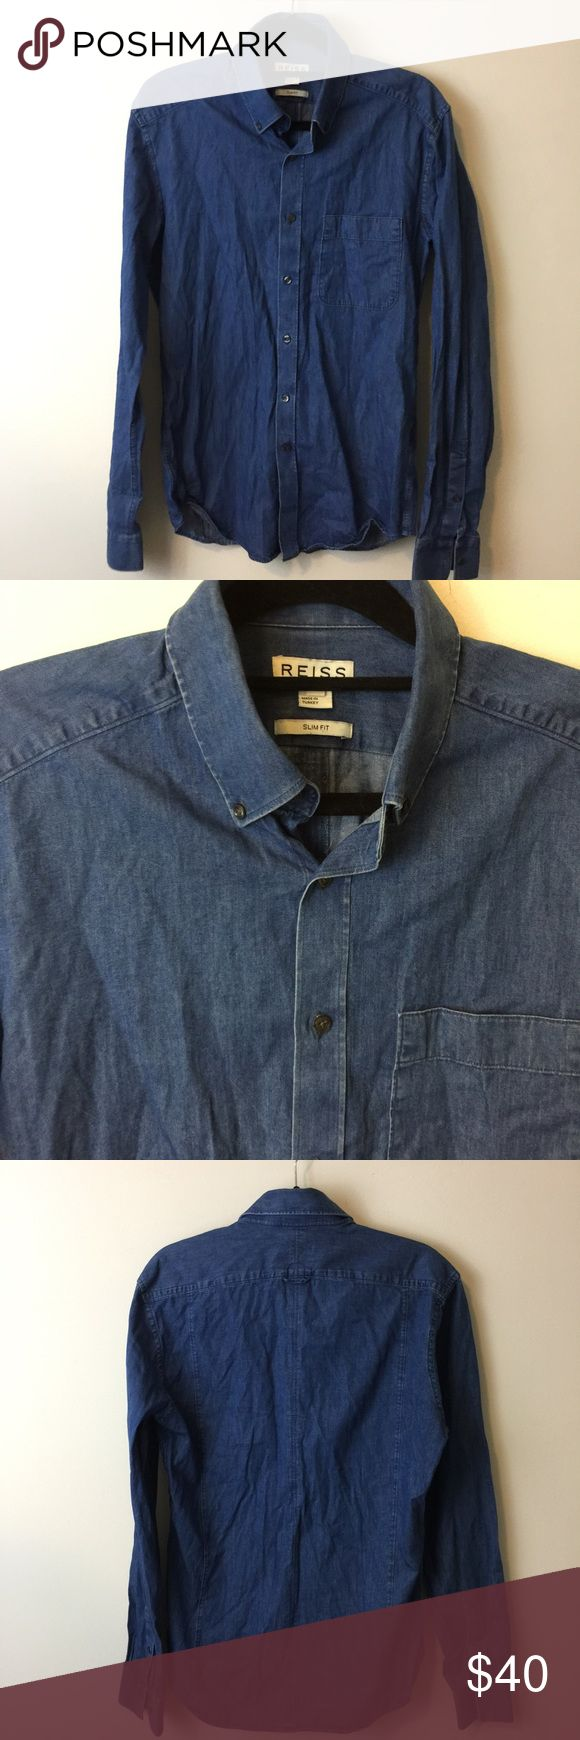 Black t shirt reiss - Reiss Blue Denim Button Down Shirt